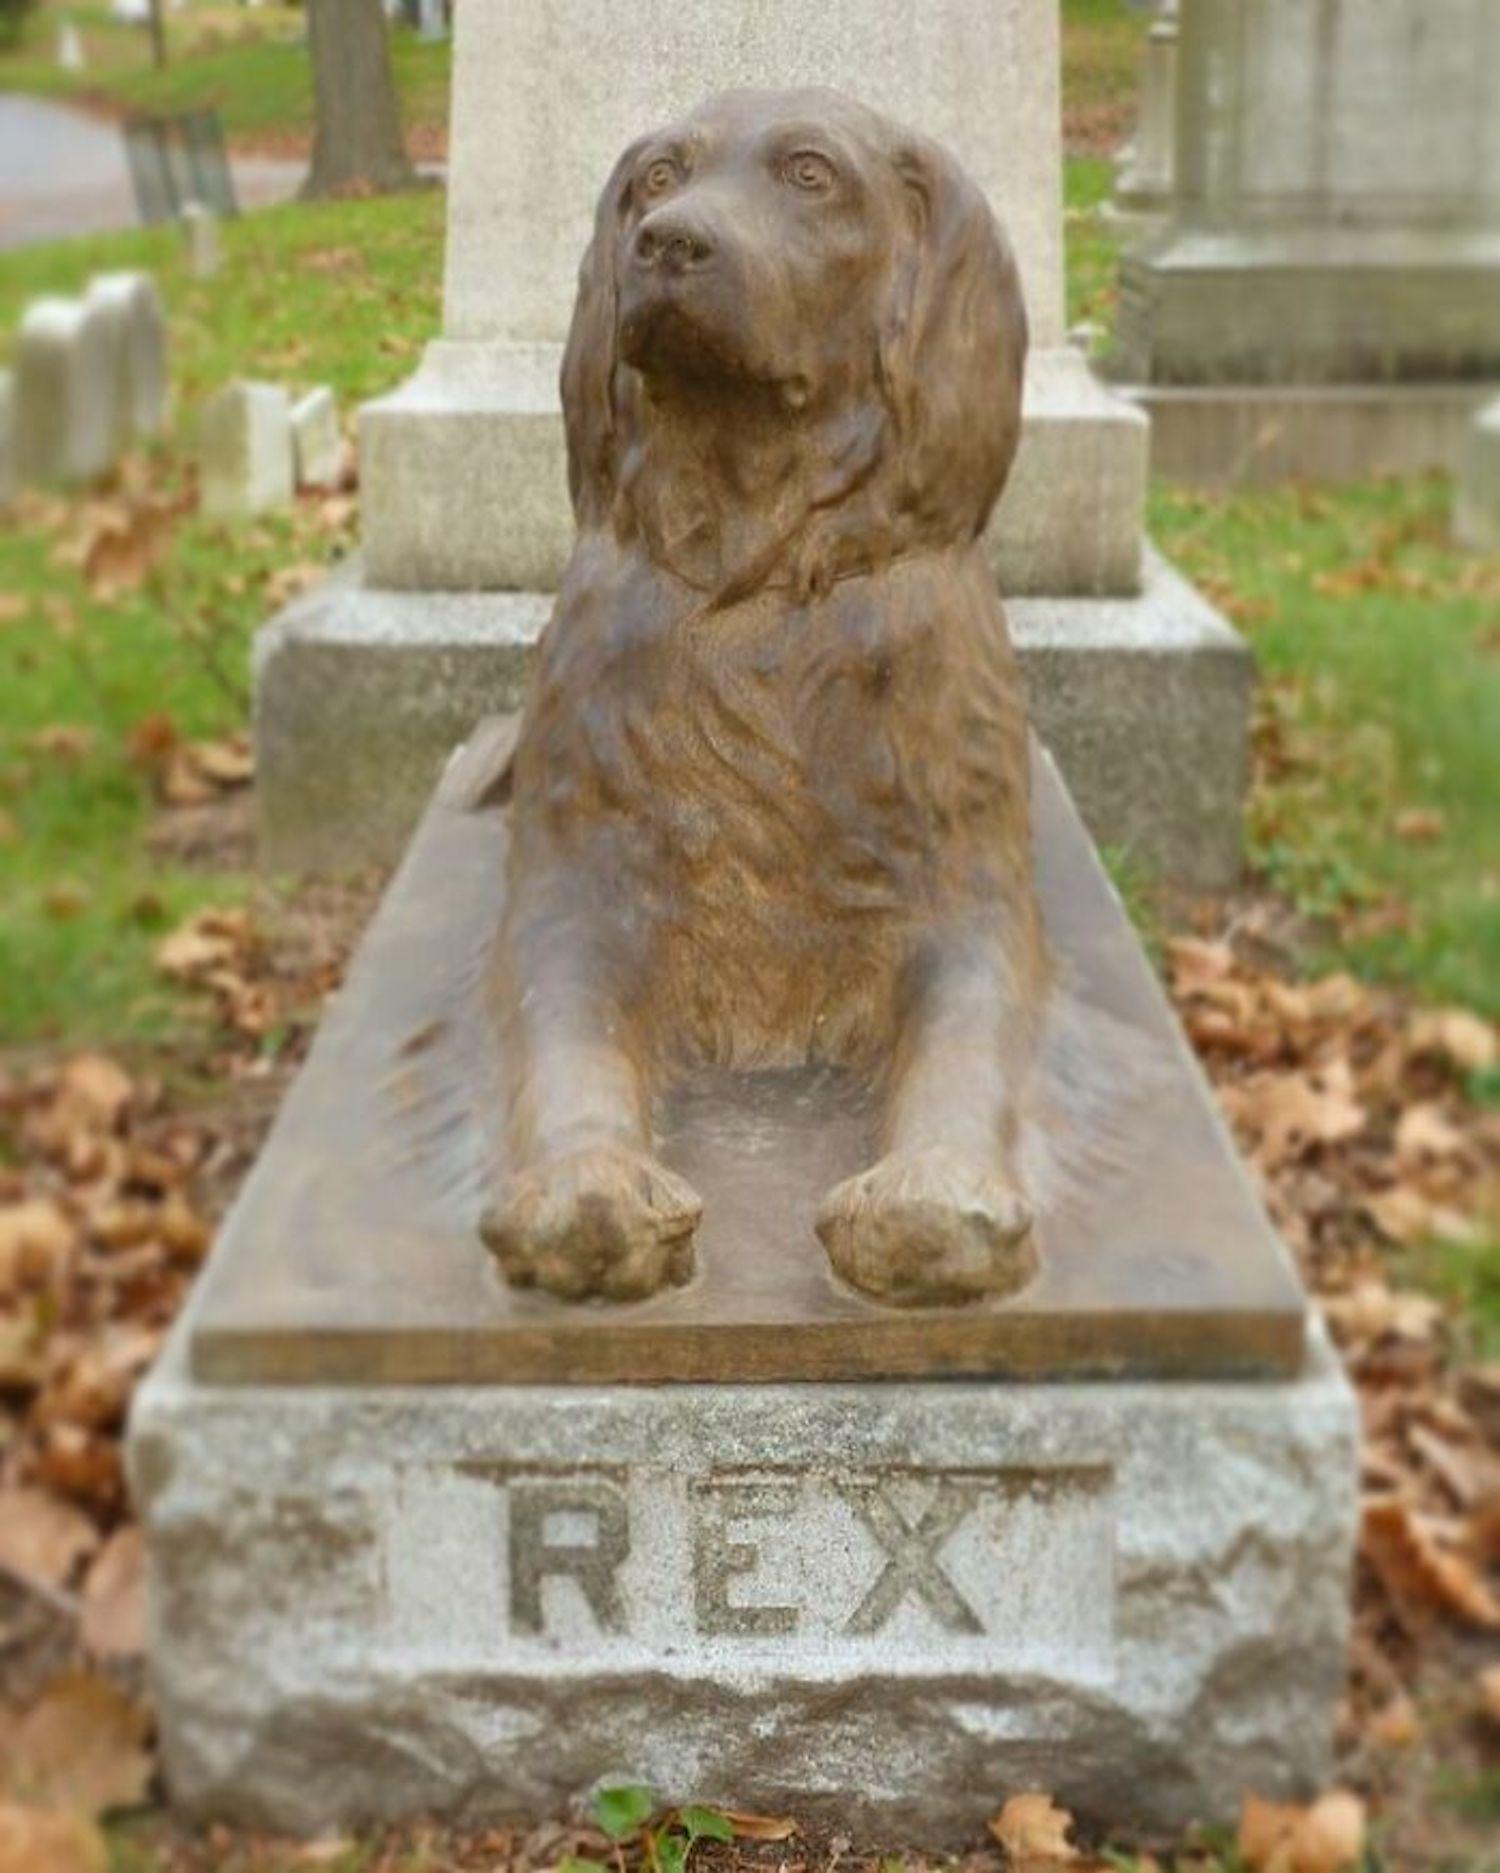 Dans ce cimetière, les visiteurs déposent un bâton sur la tombe centenaire d'un chien